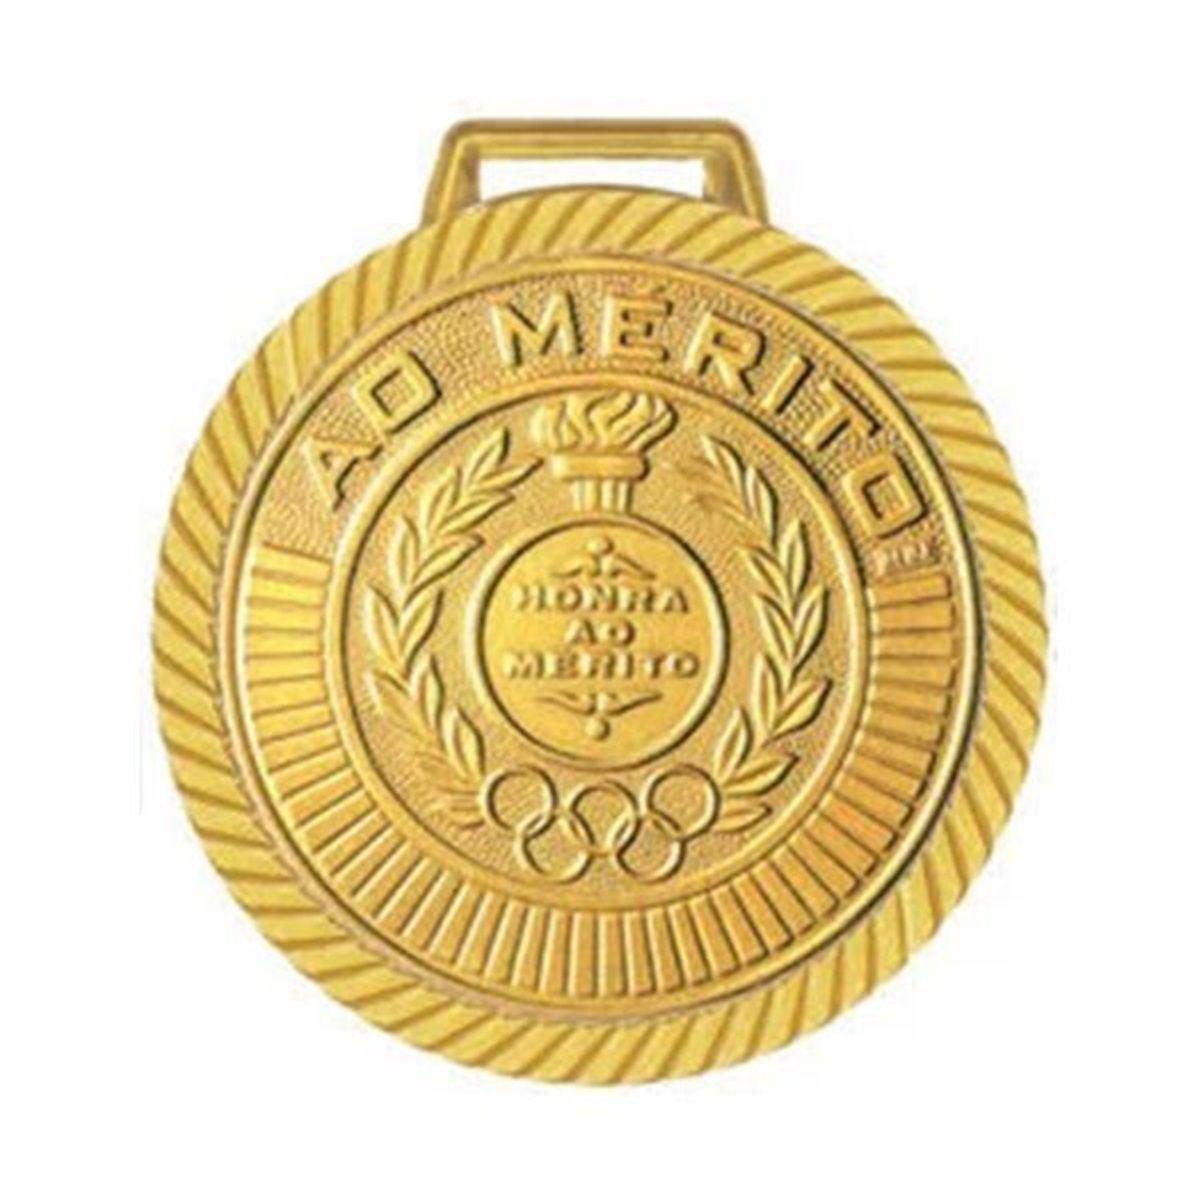 Kit C/10 Medalhas Rema Honra ao Mérito 40mm com Fita